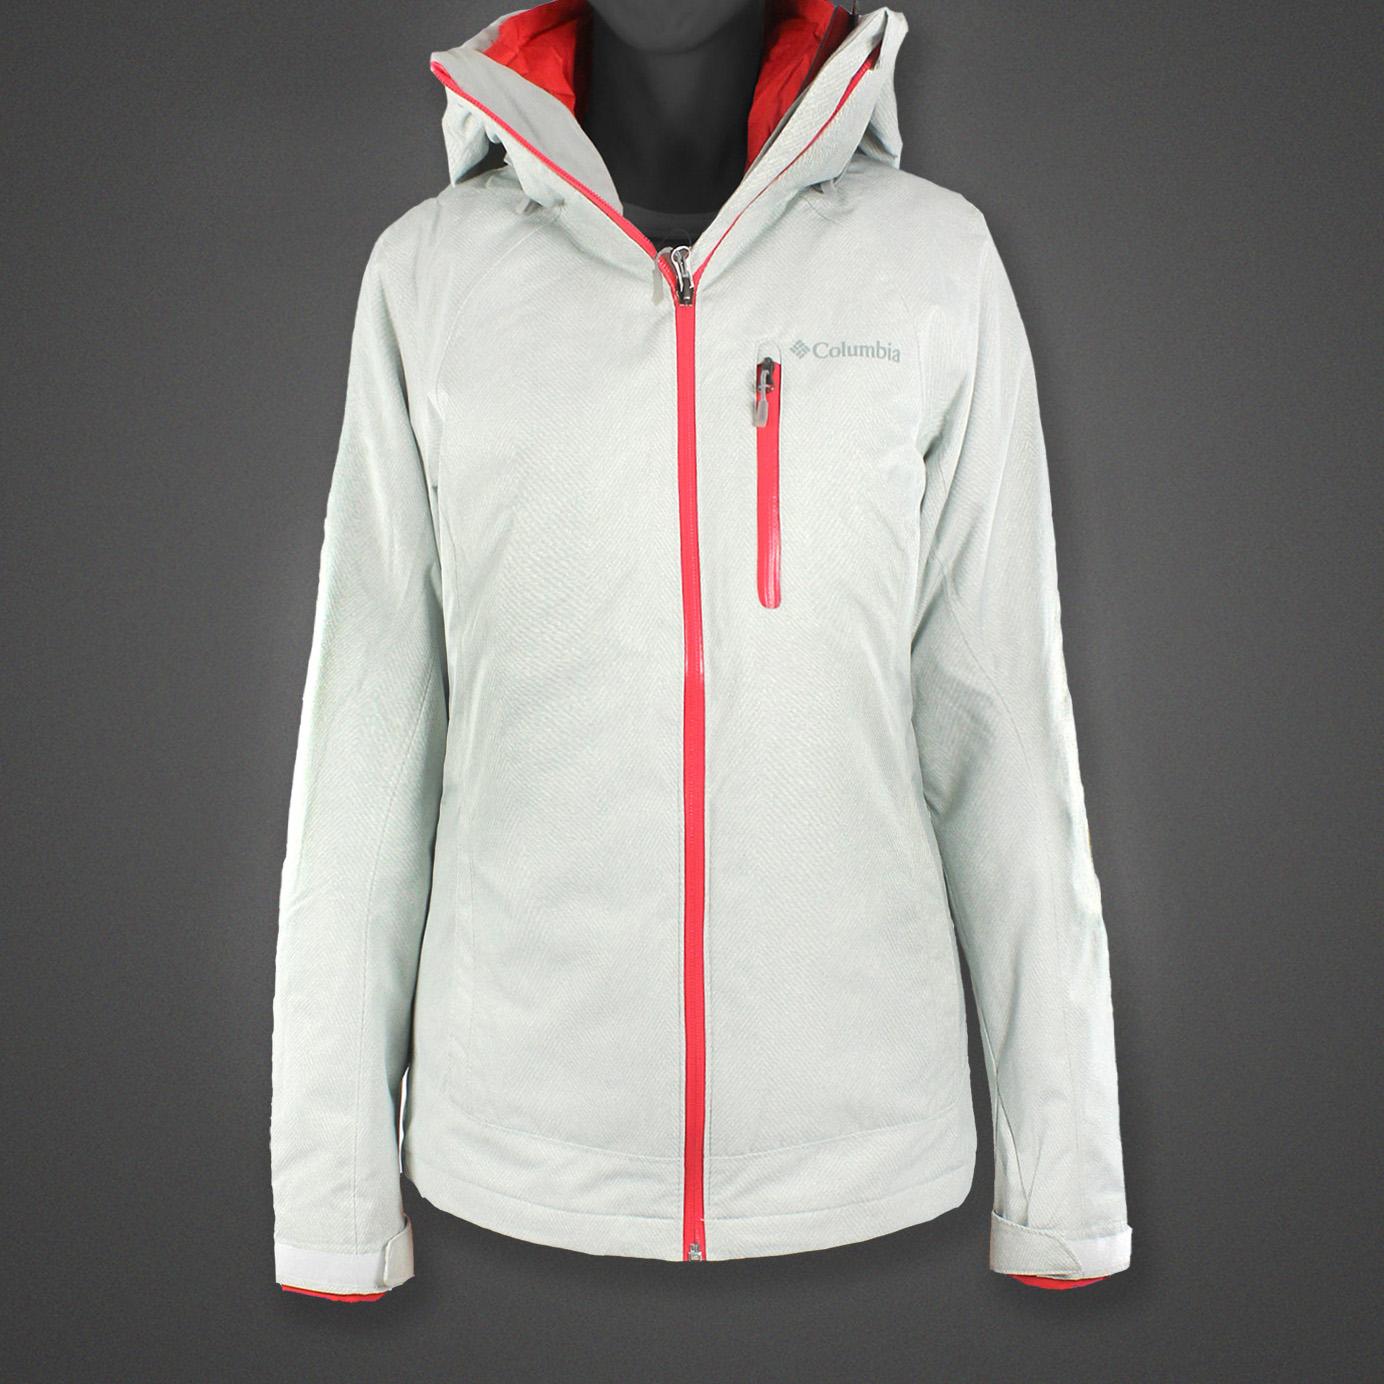 美國百分百【全新真品】Columbia 外套 夾克 連帽外套 哥倫比亞 兩件式 防水 發熱 白色 女 XS號 F682